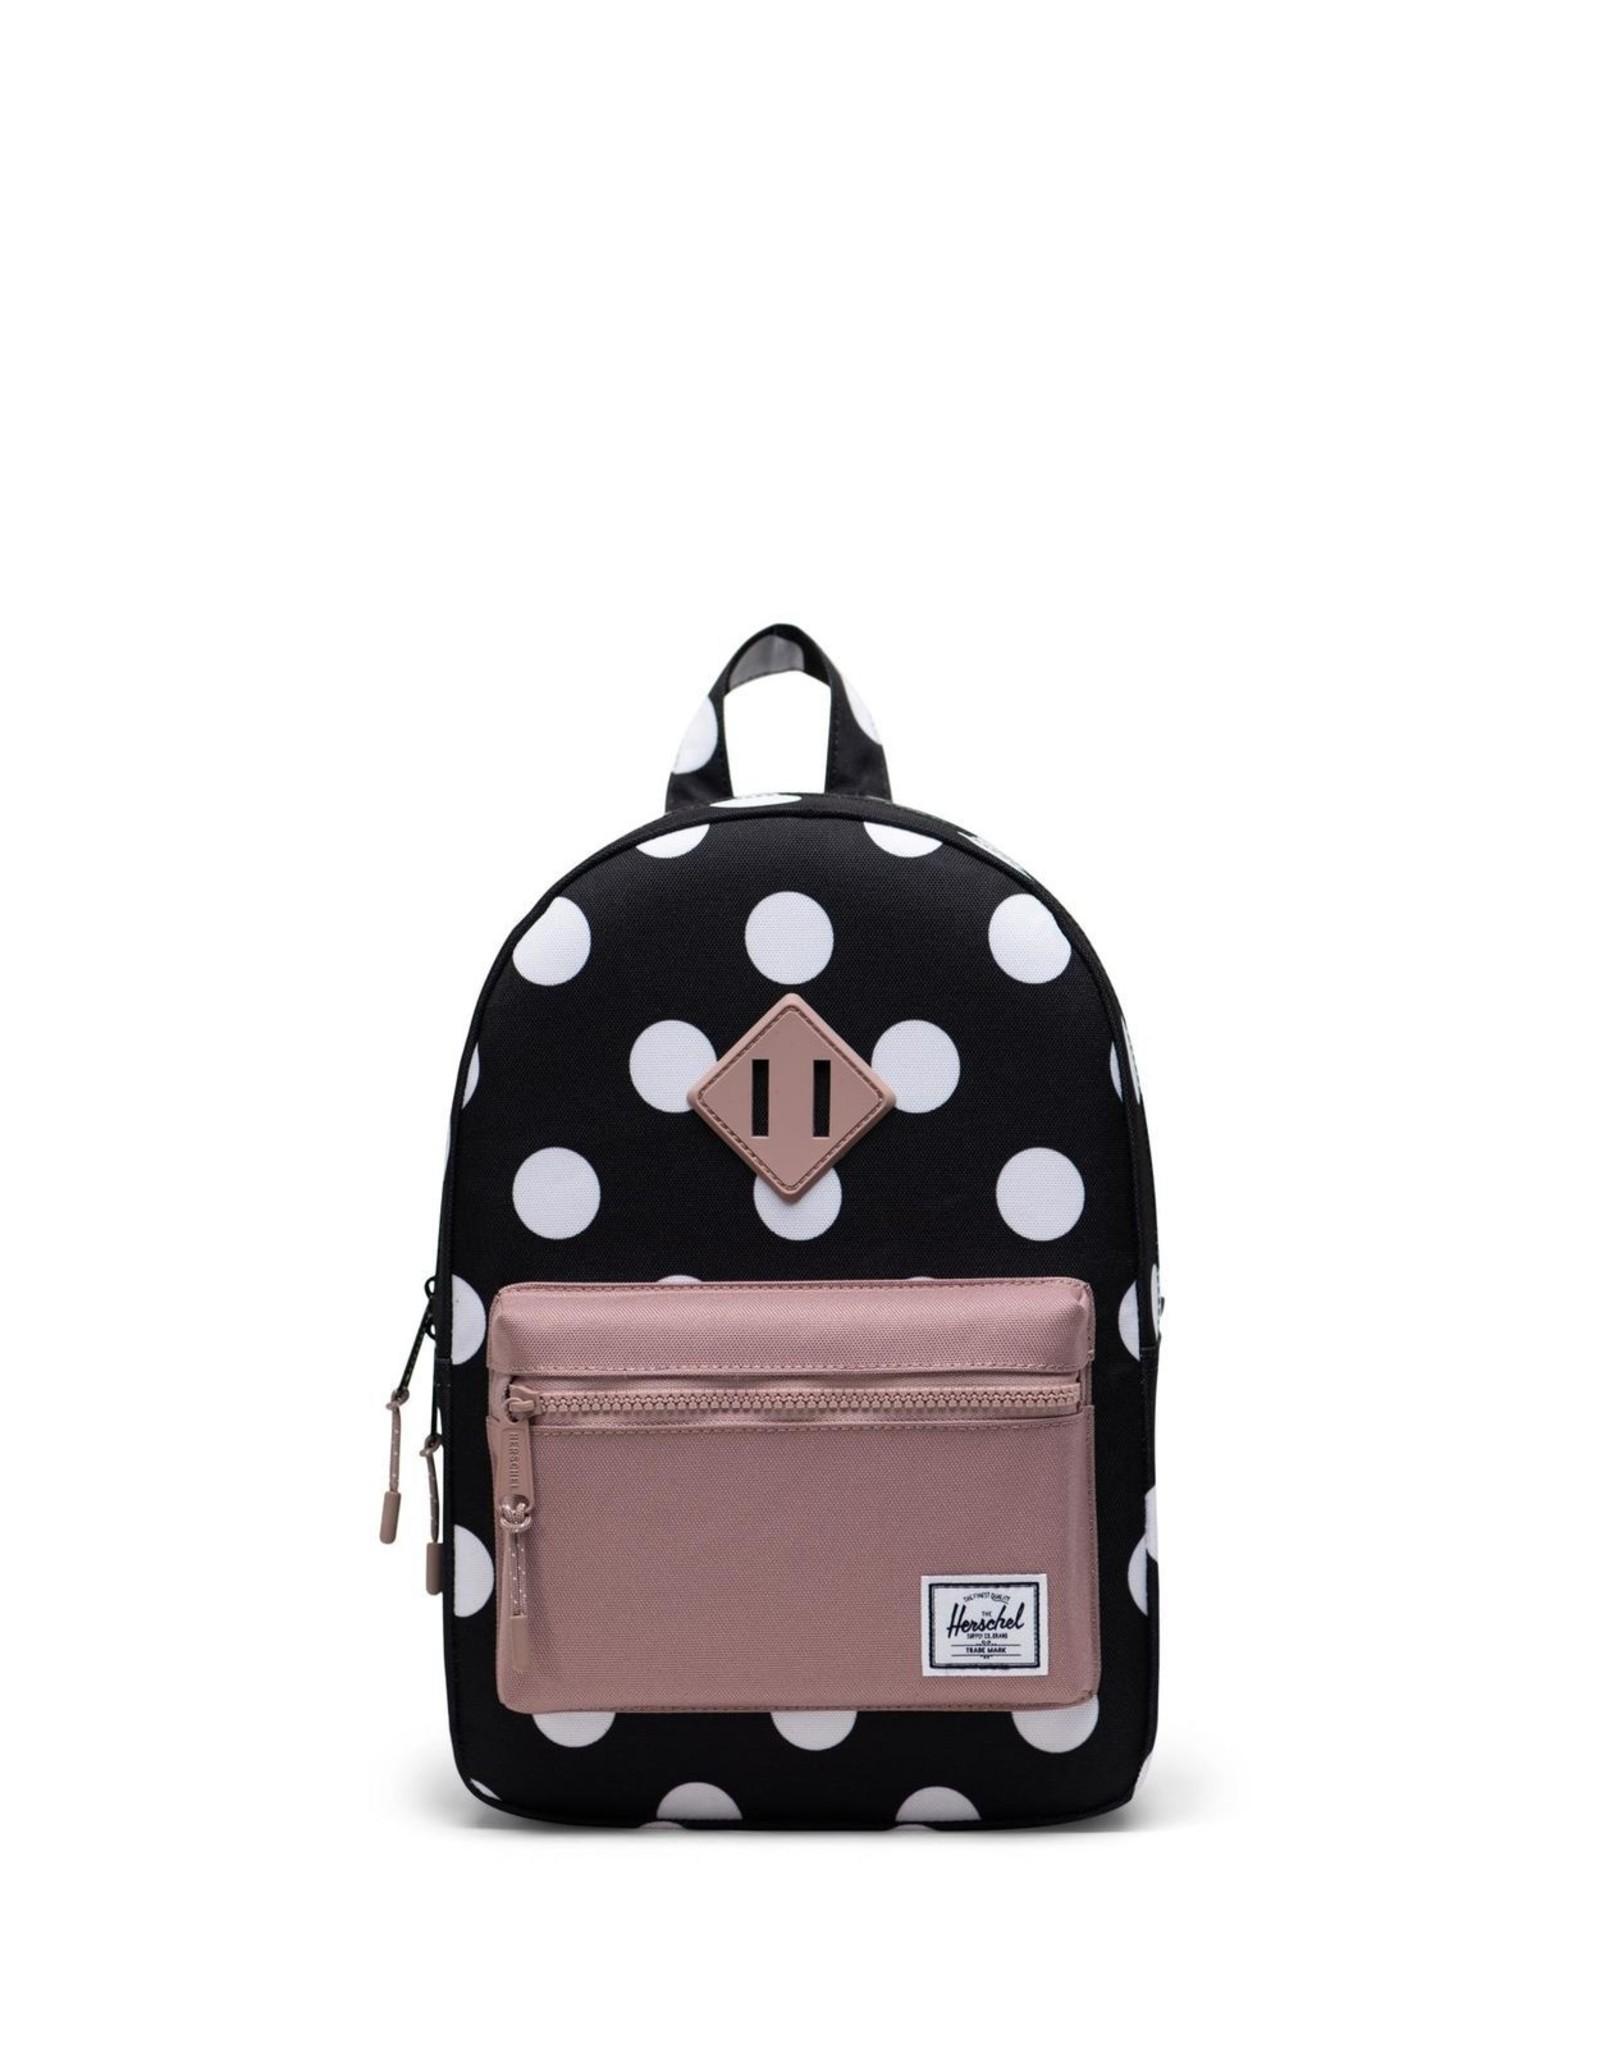 Herschel Supply Co. SP21 PolkaDot/Rose Heritage Kids Backpack